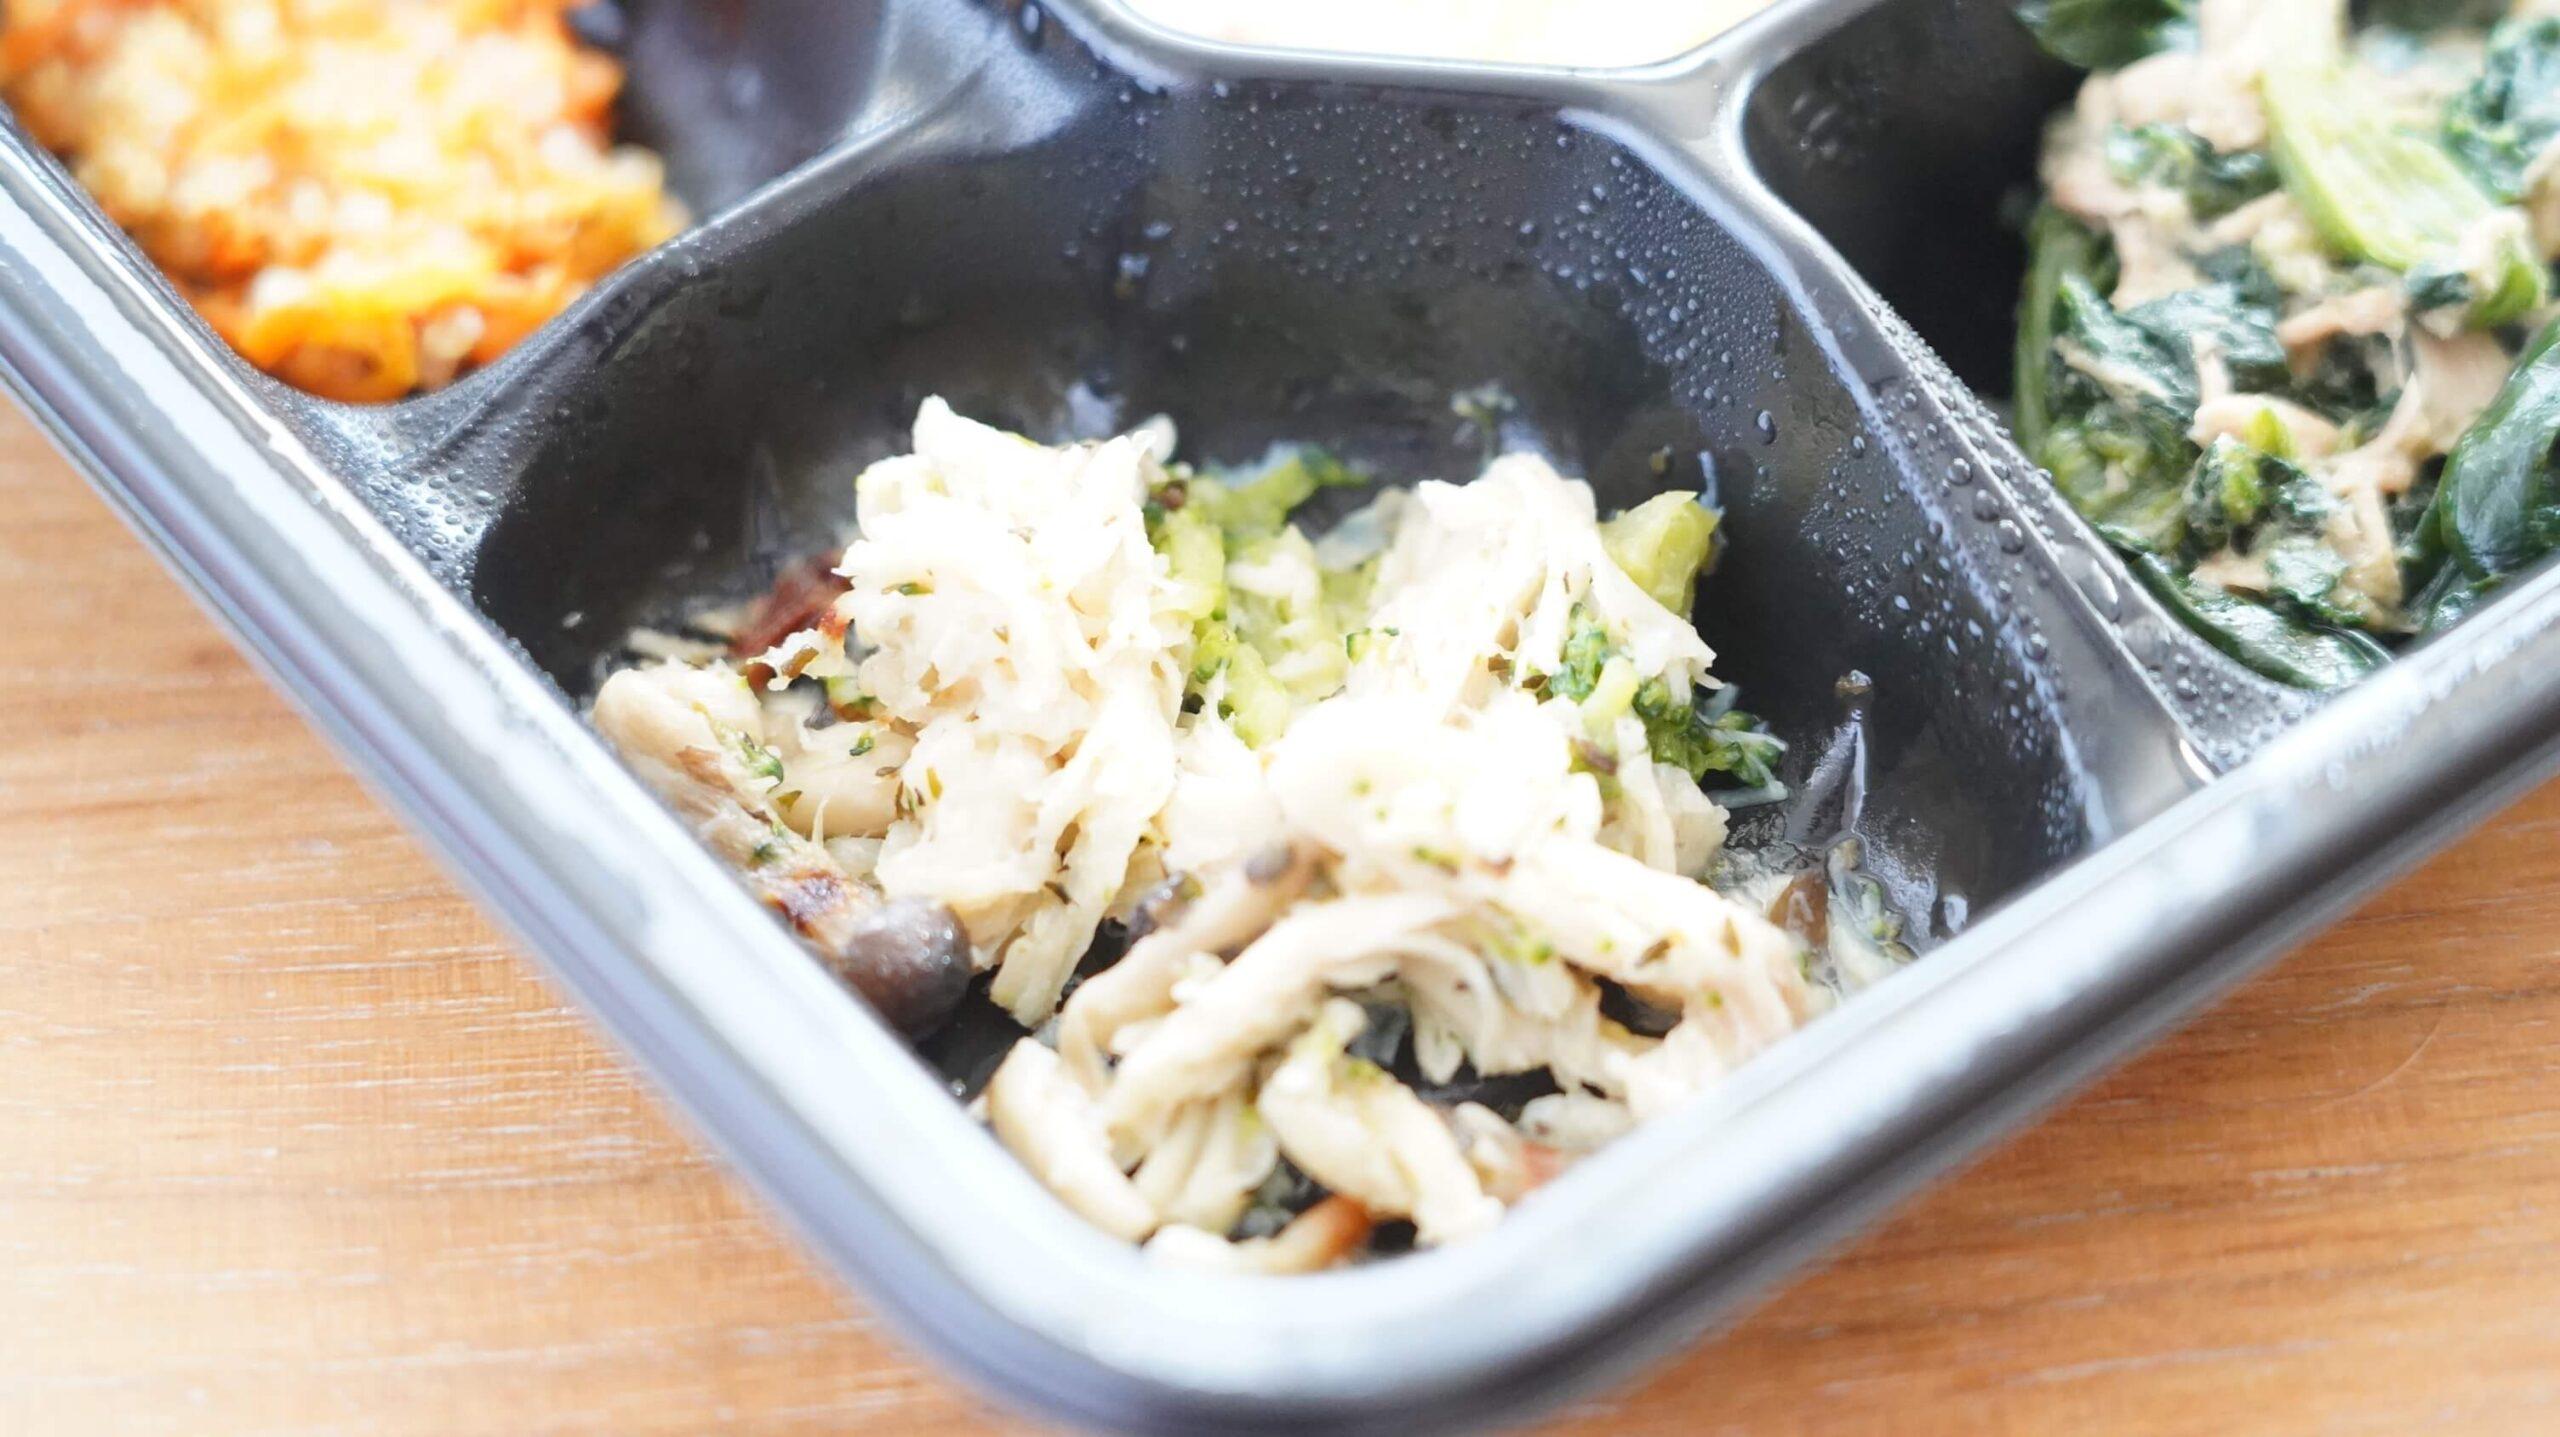 ライザップのサポートミール「チリコンカン」の付け合わせ「蒸し鶏としめじのバジル炒め」の写真